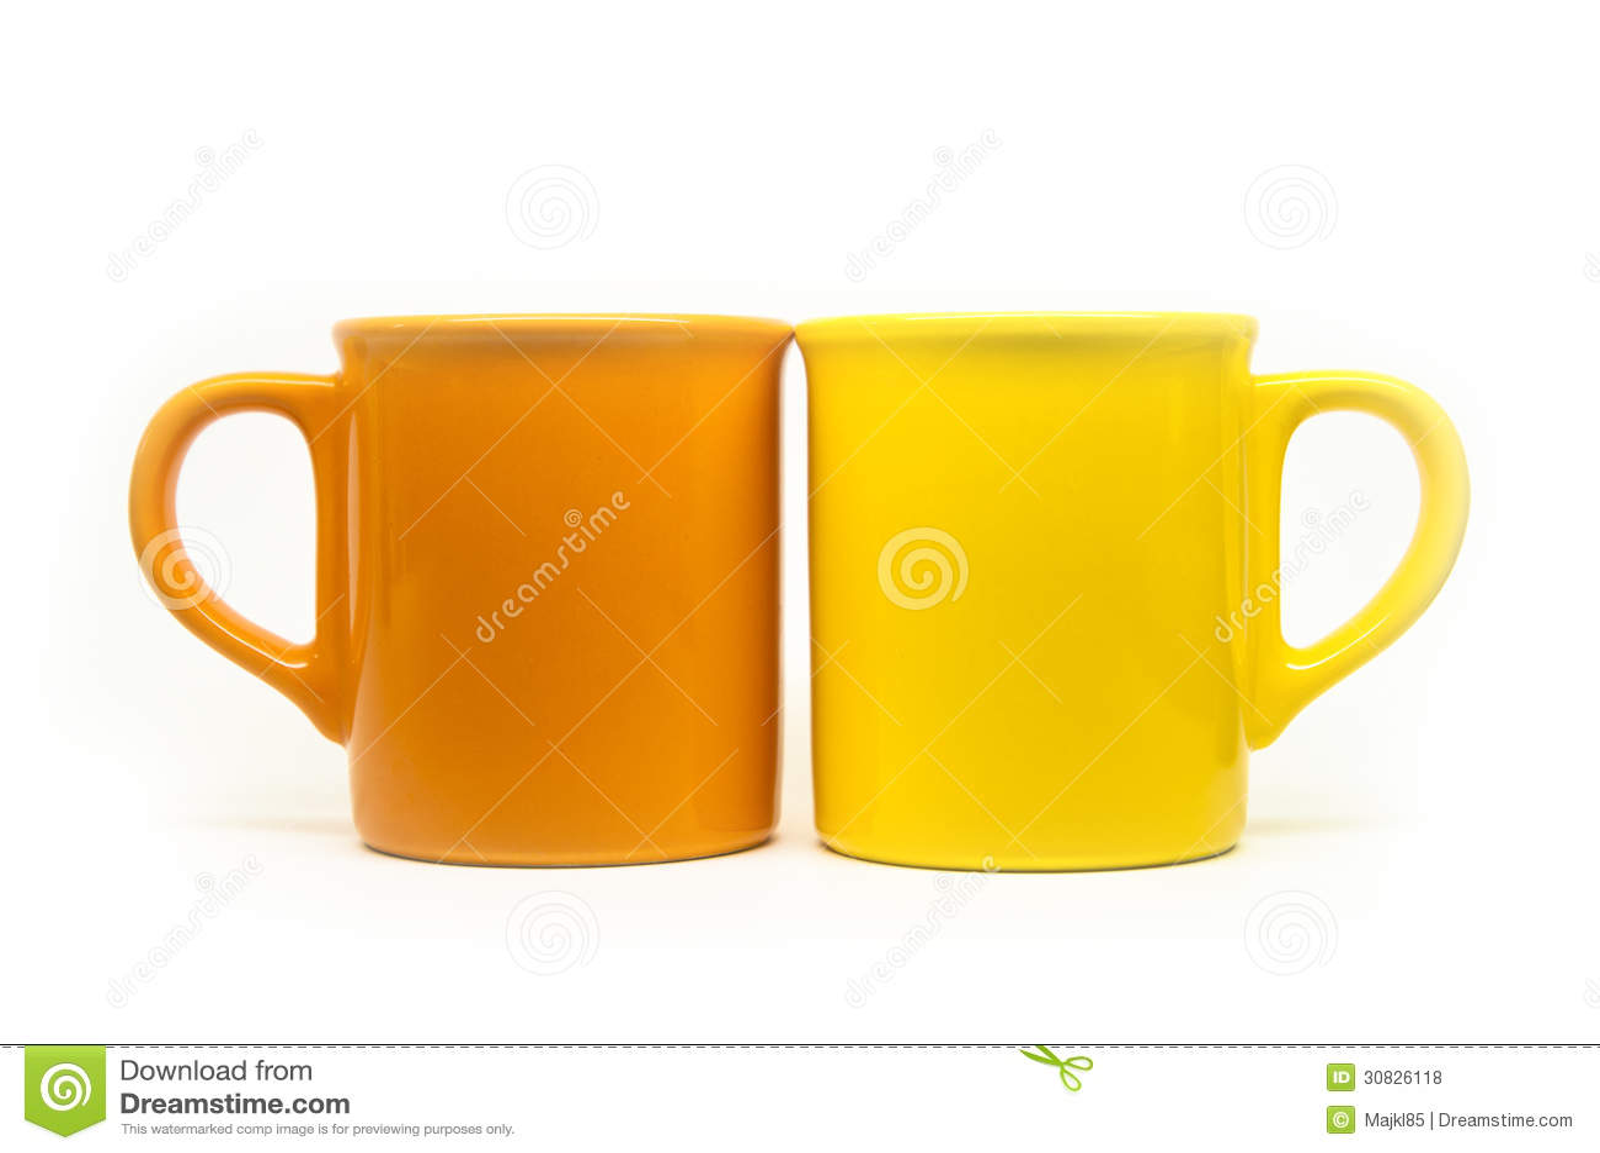 Tazze arancio e gialle isolate